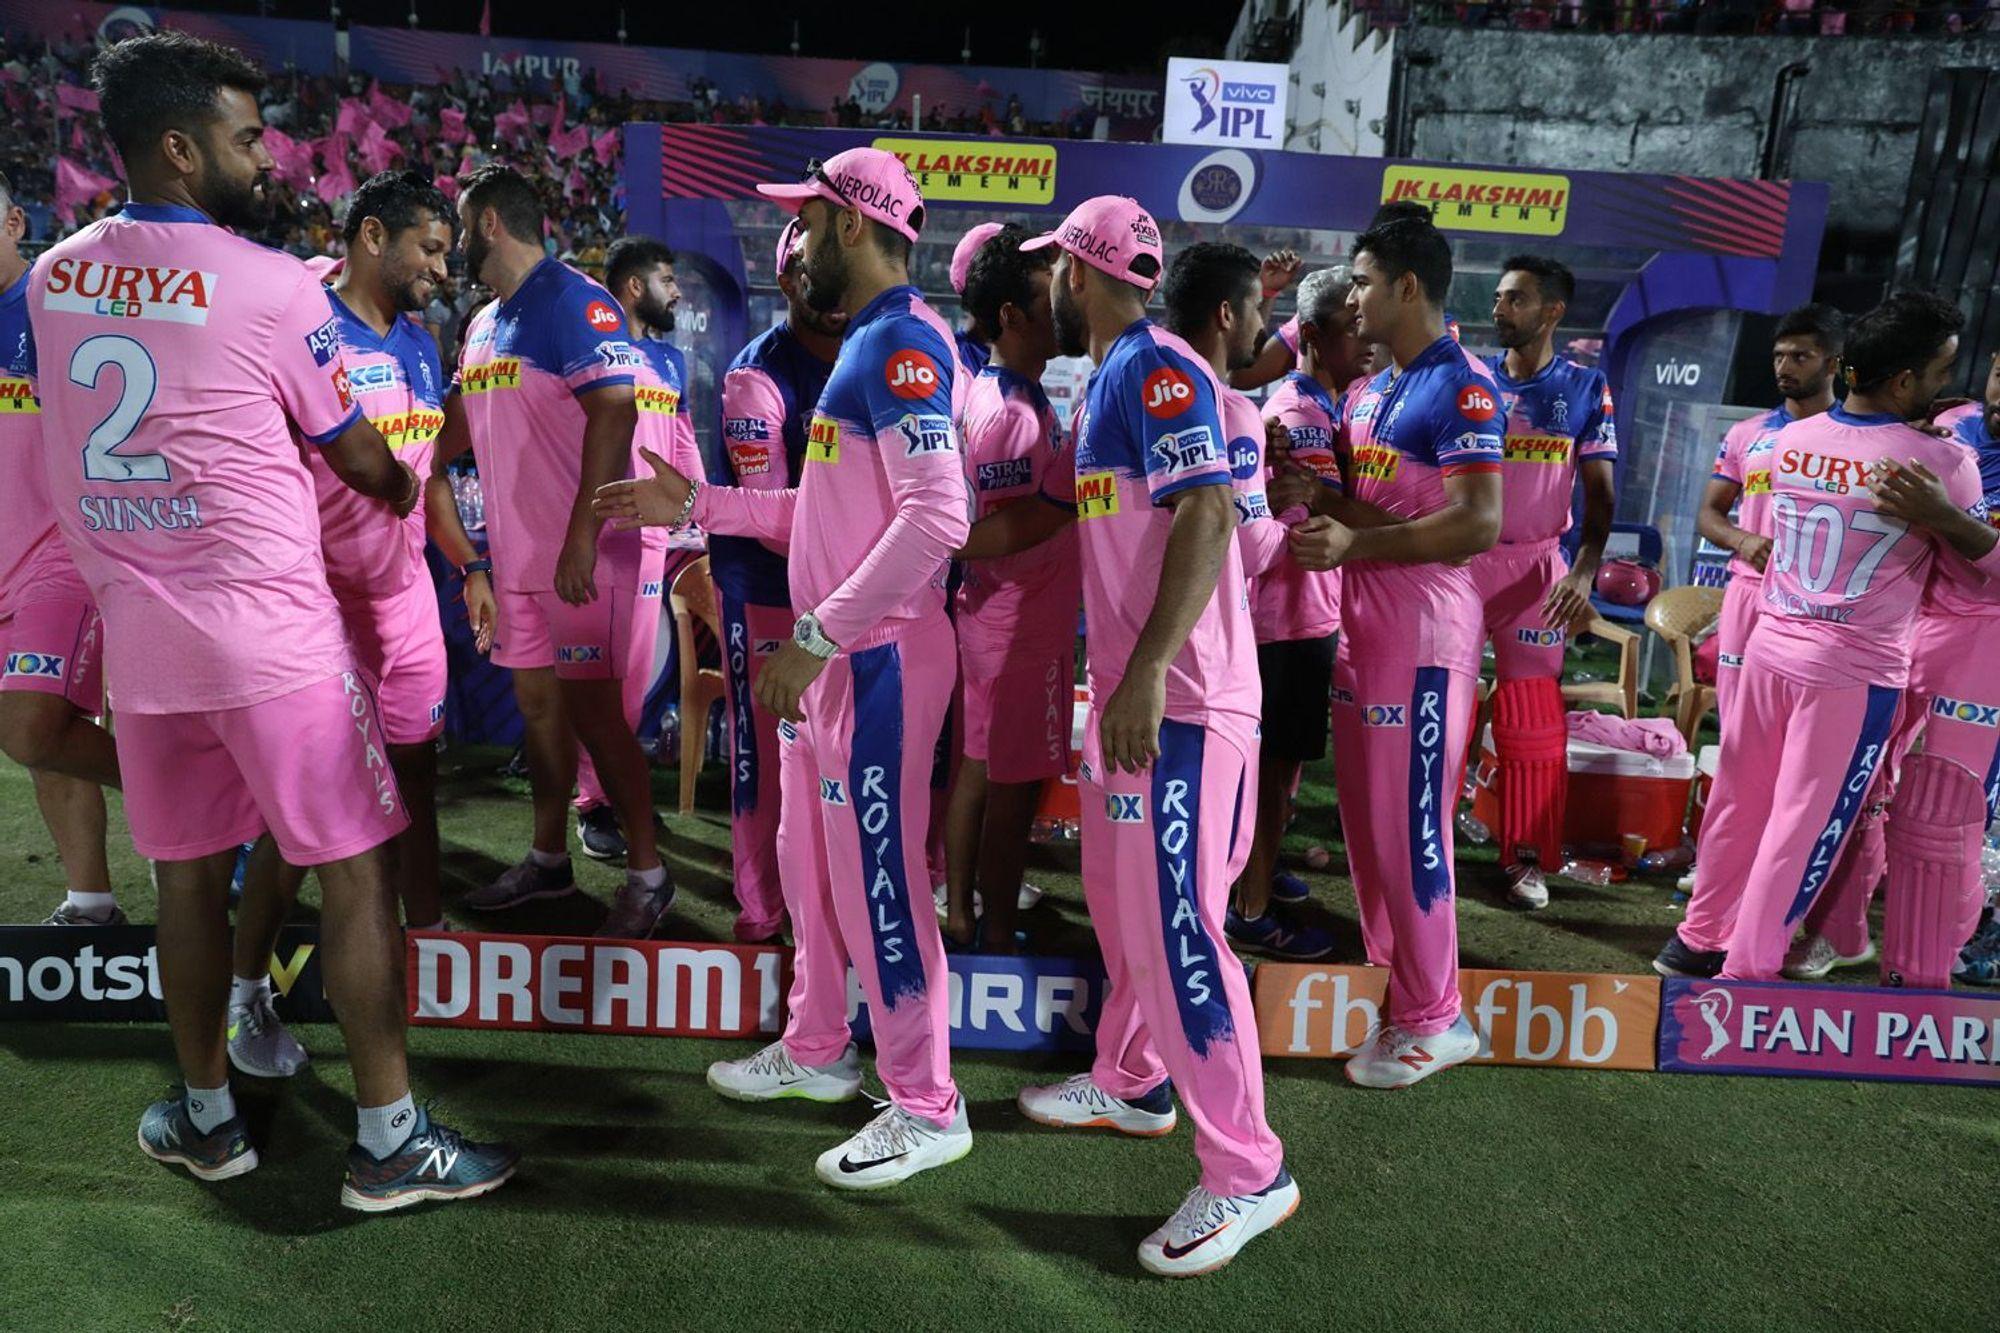 आईपीएल 2019 में एक एक रन के लिए तरस रहा हैं यह ऑस्ट्रेलियाई खिलाड़ी, भारत के खिलाफ रातोंरात बना था सुपरस्टार 3